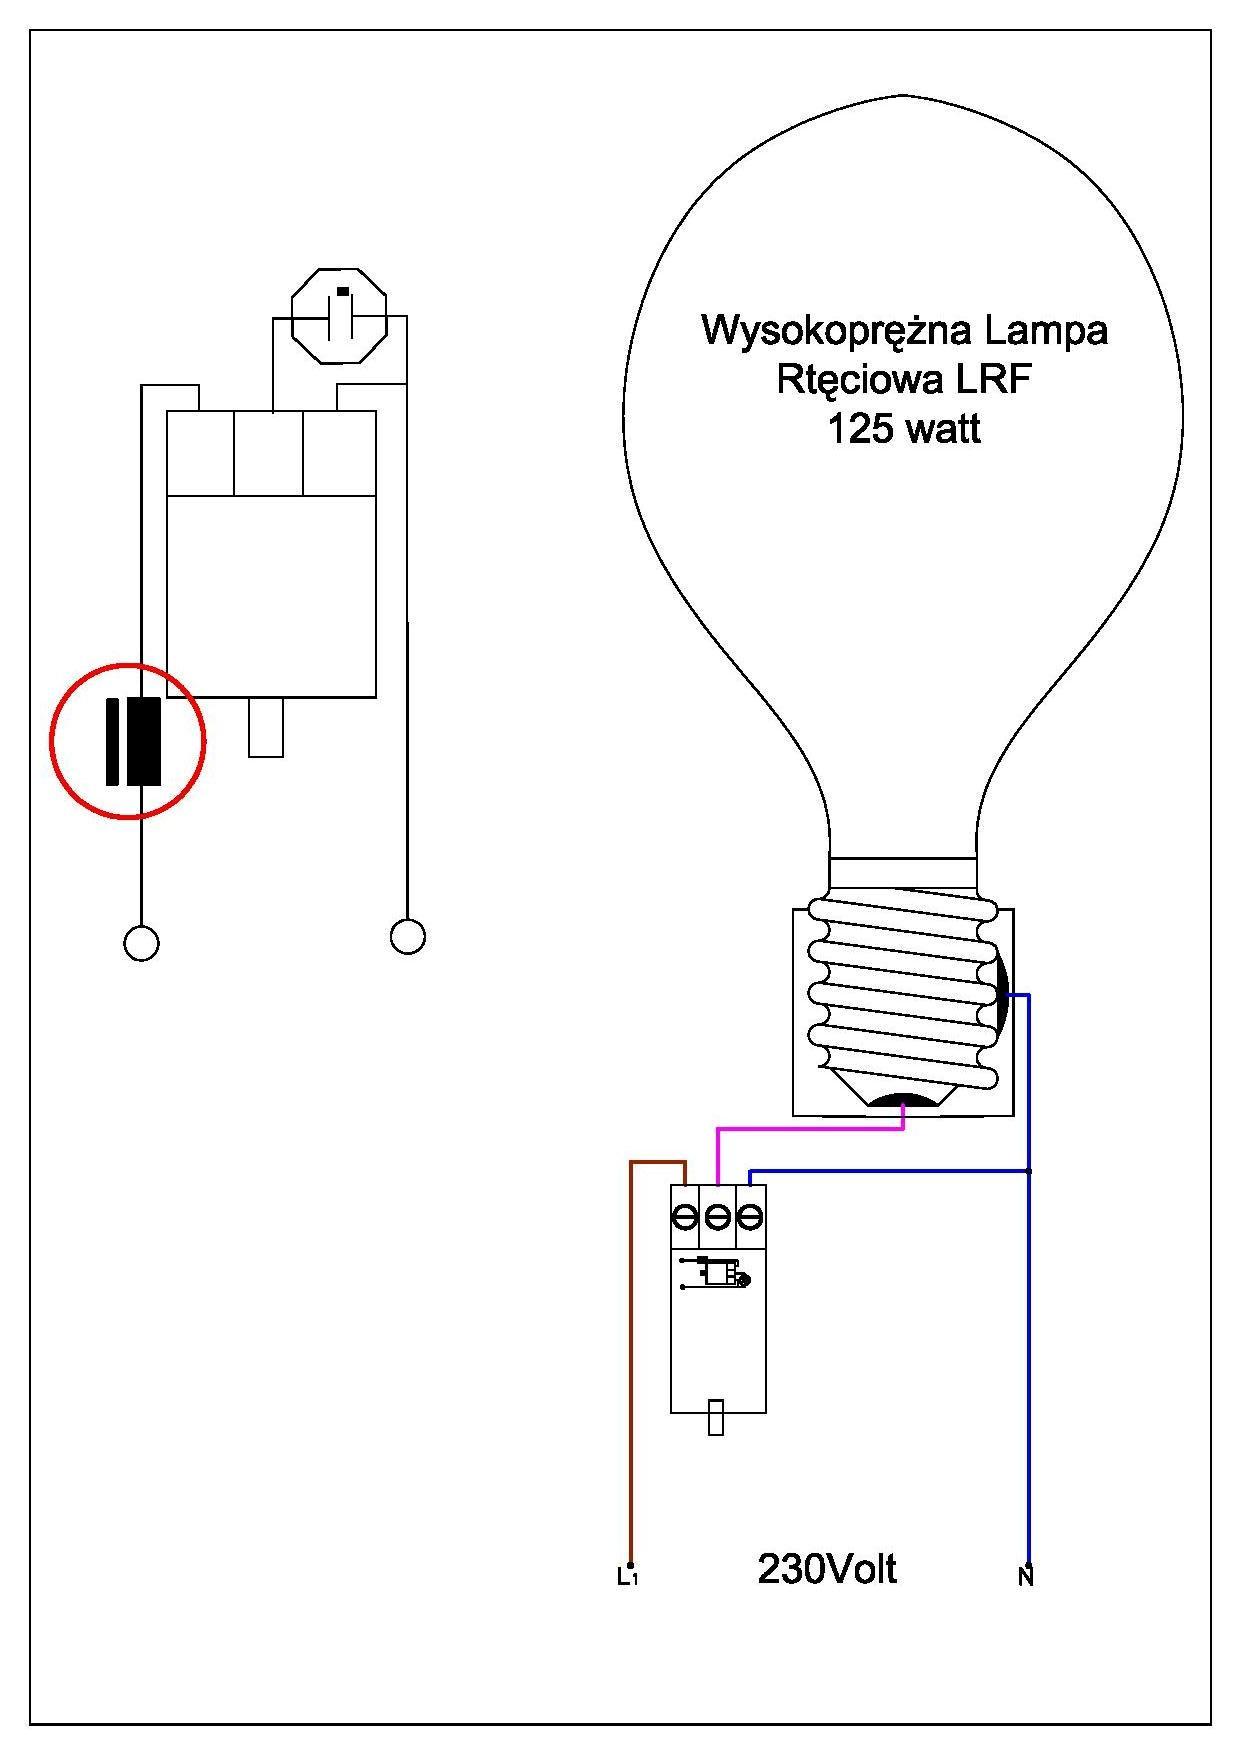 Lampa rt�ciow LRF - kwestia pod��czenia do sieci 230V